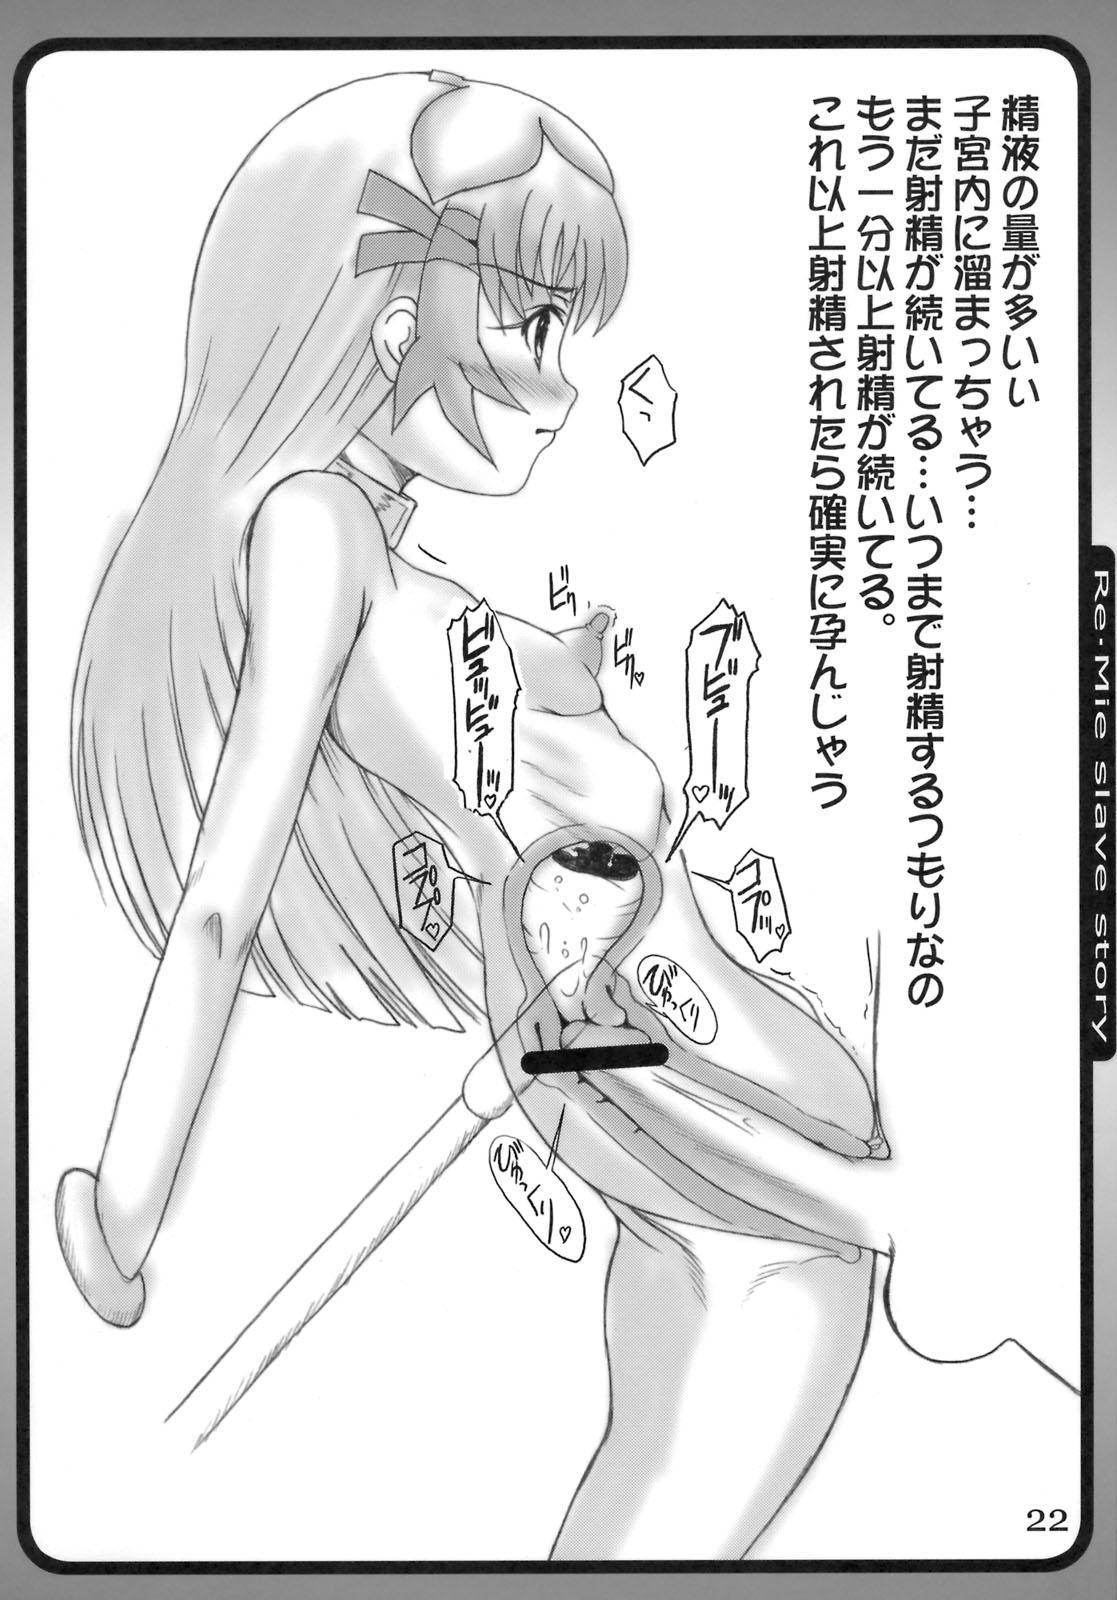 Tsundere Shinseiki 2 20